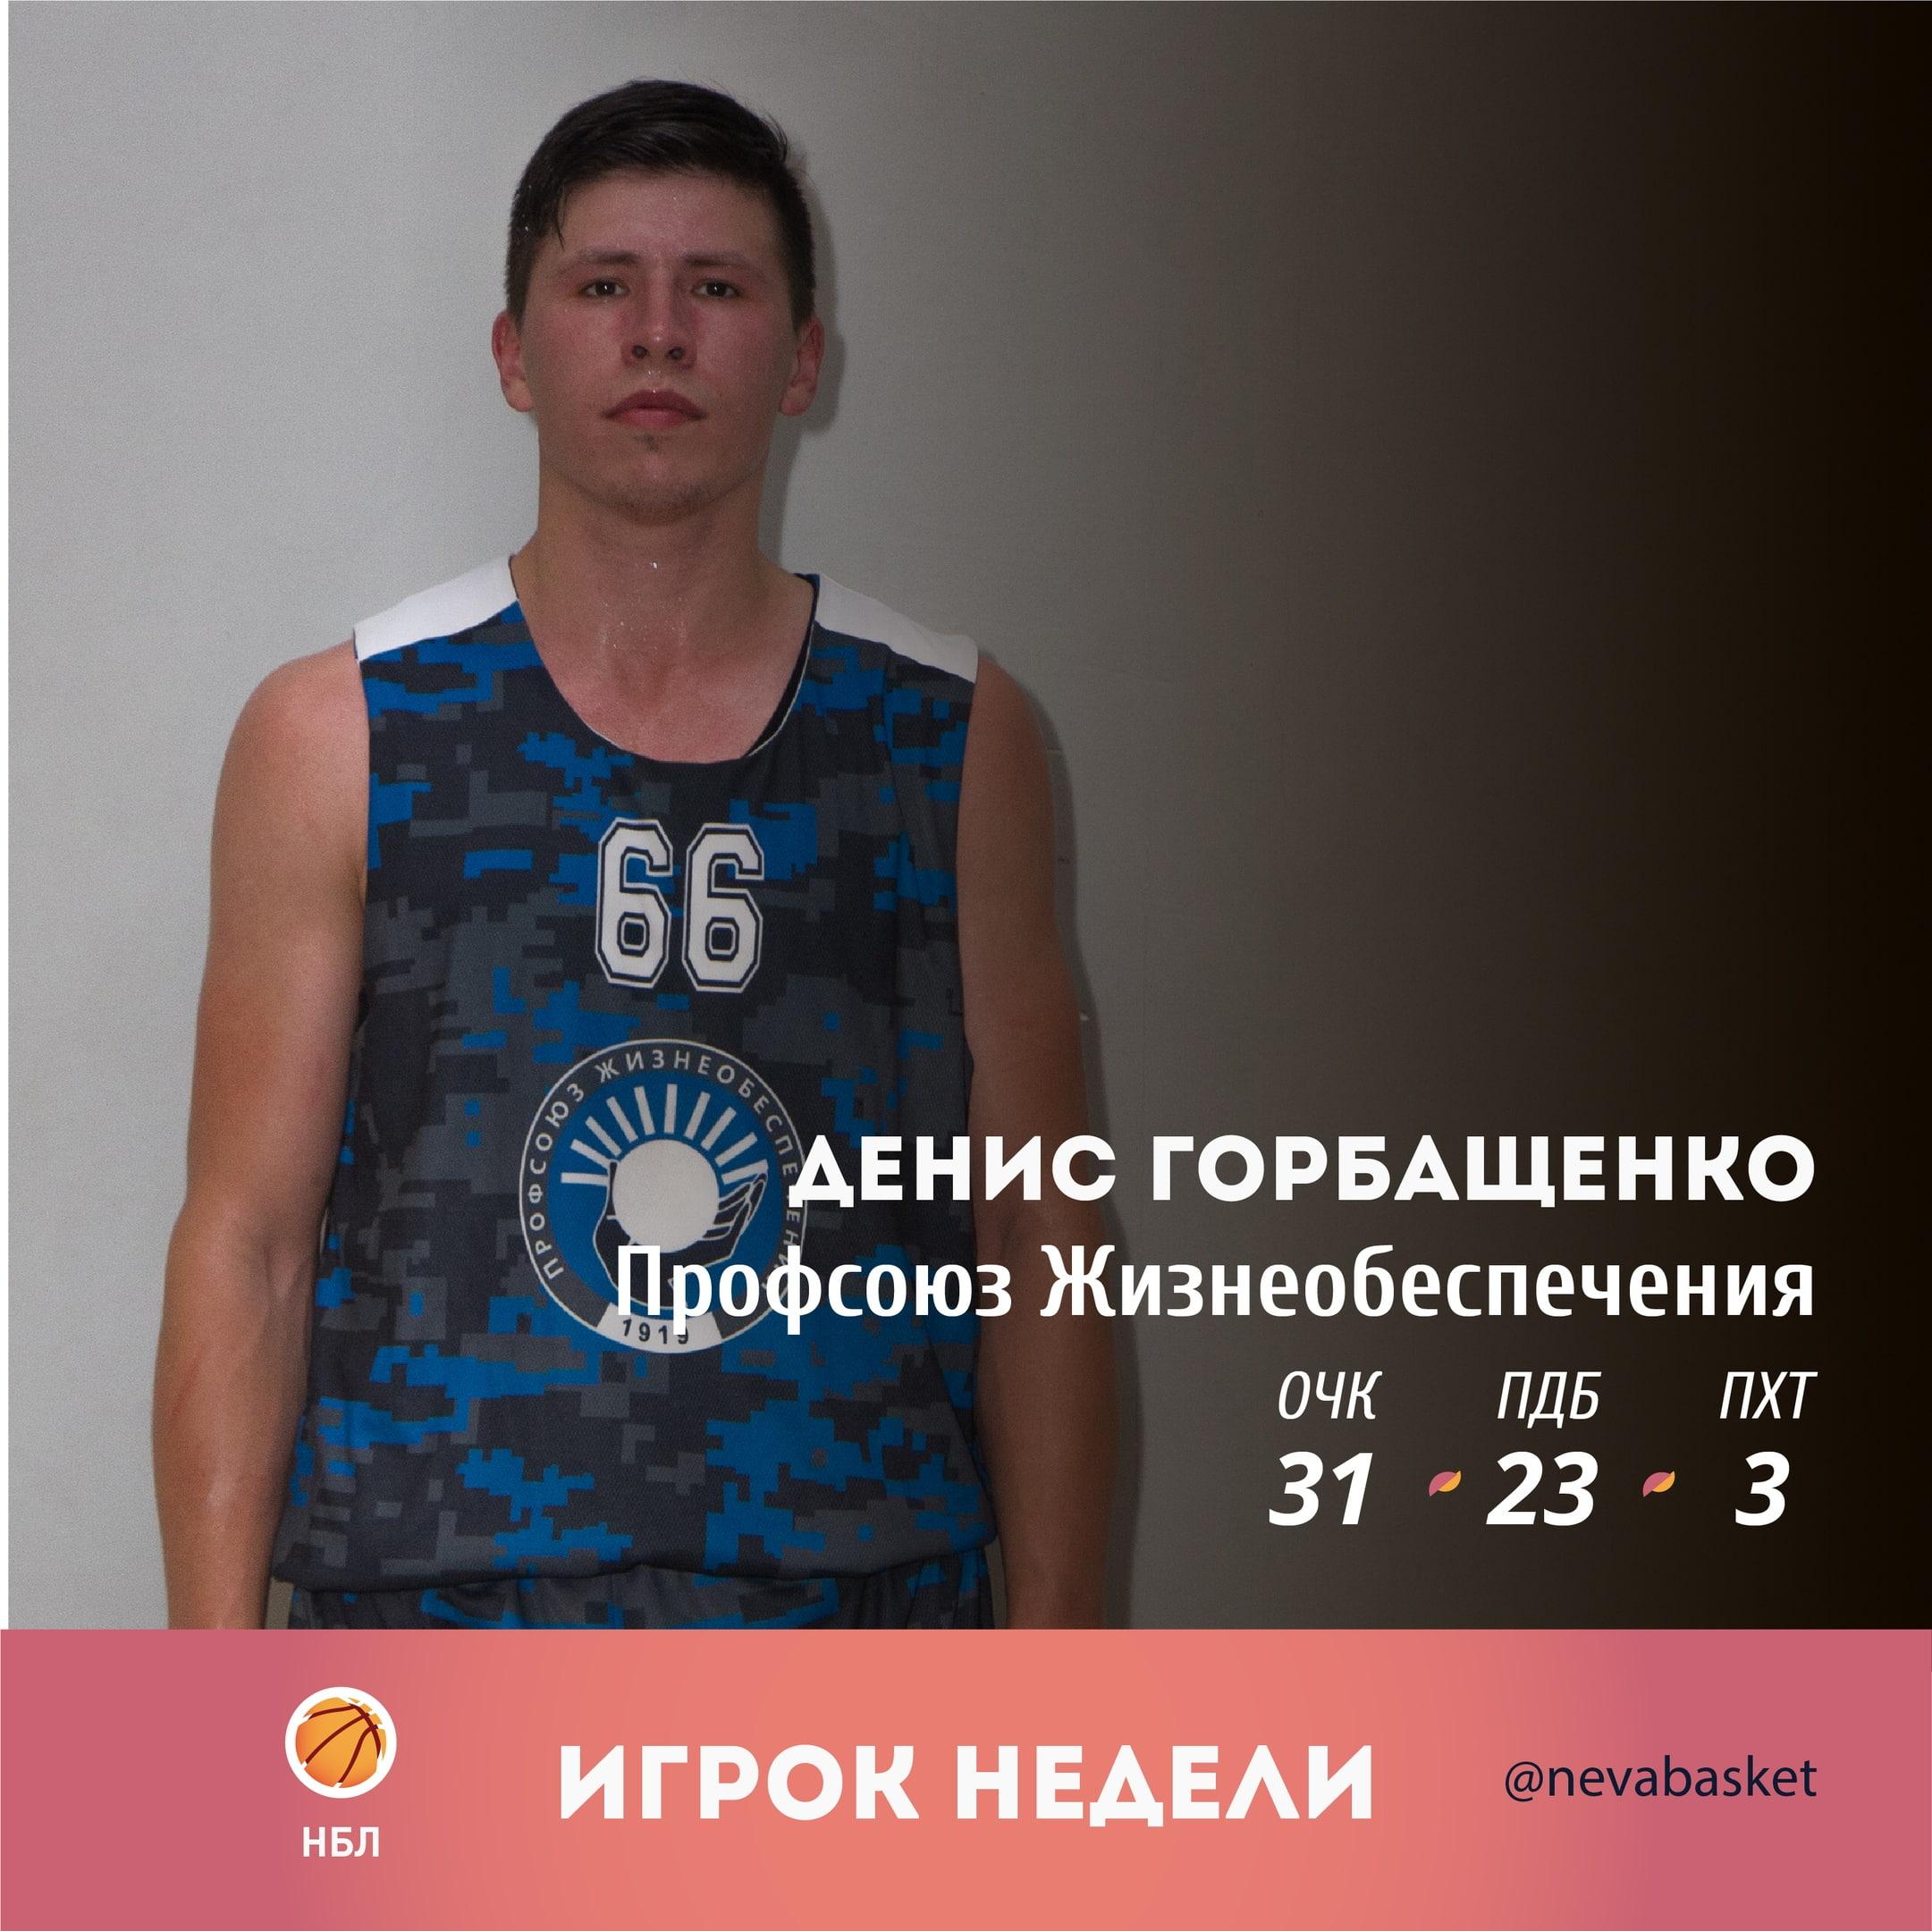 Денис Горбащенко